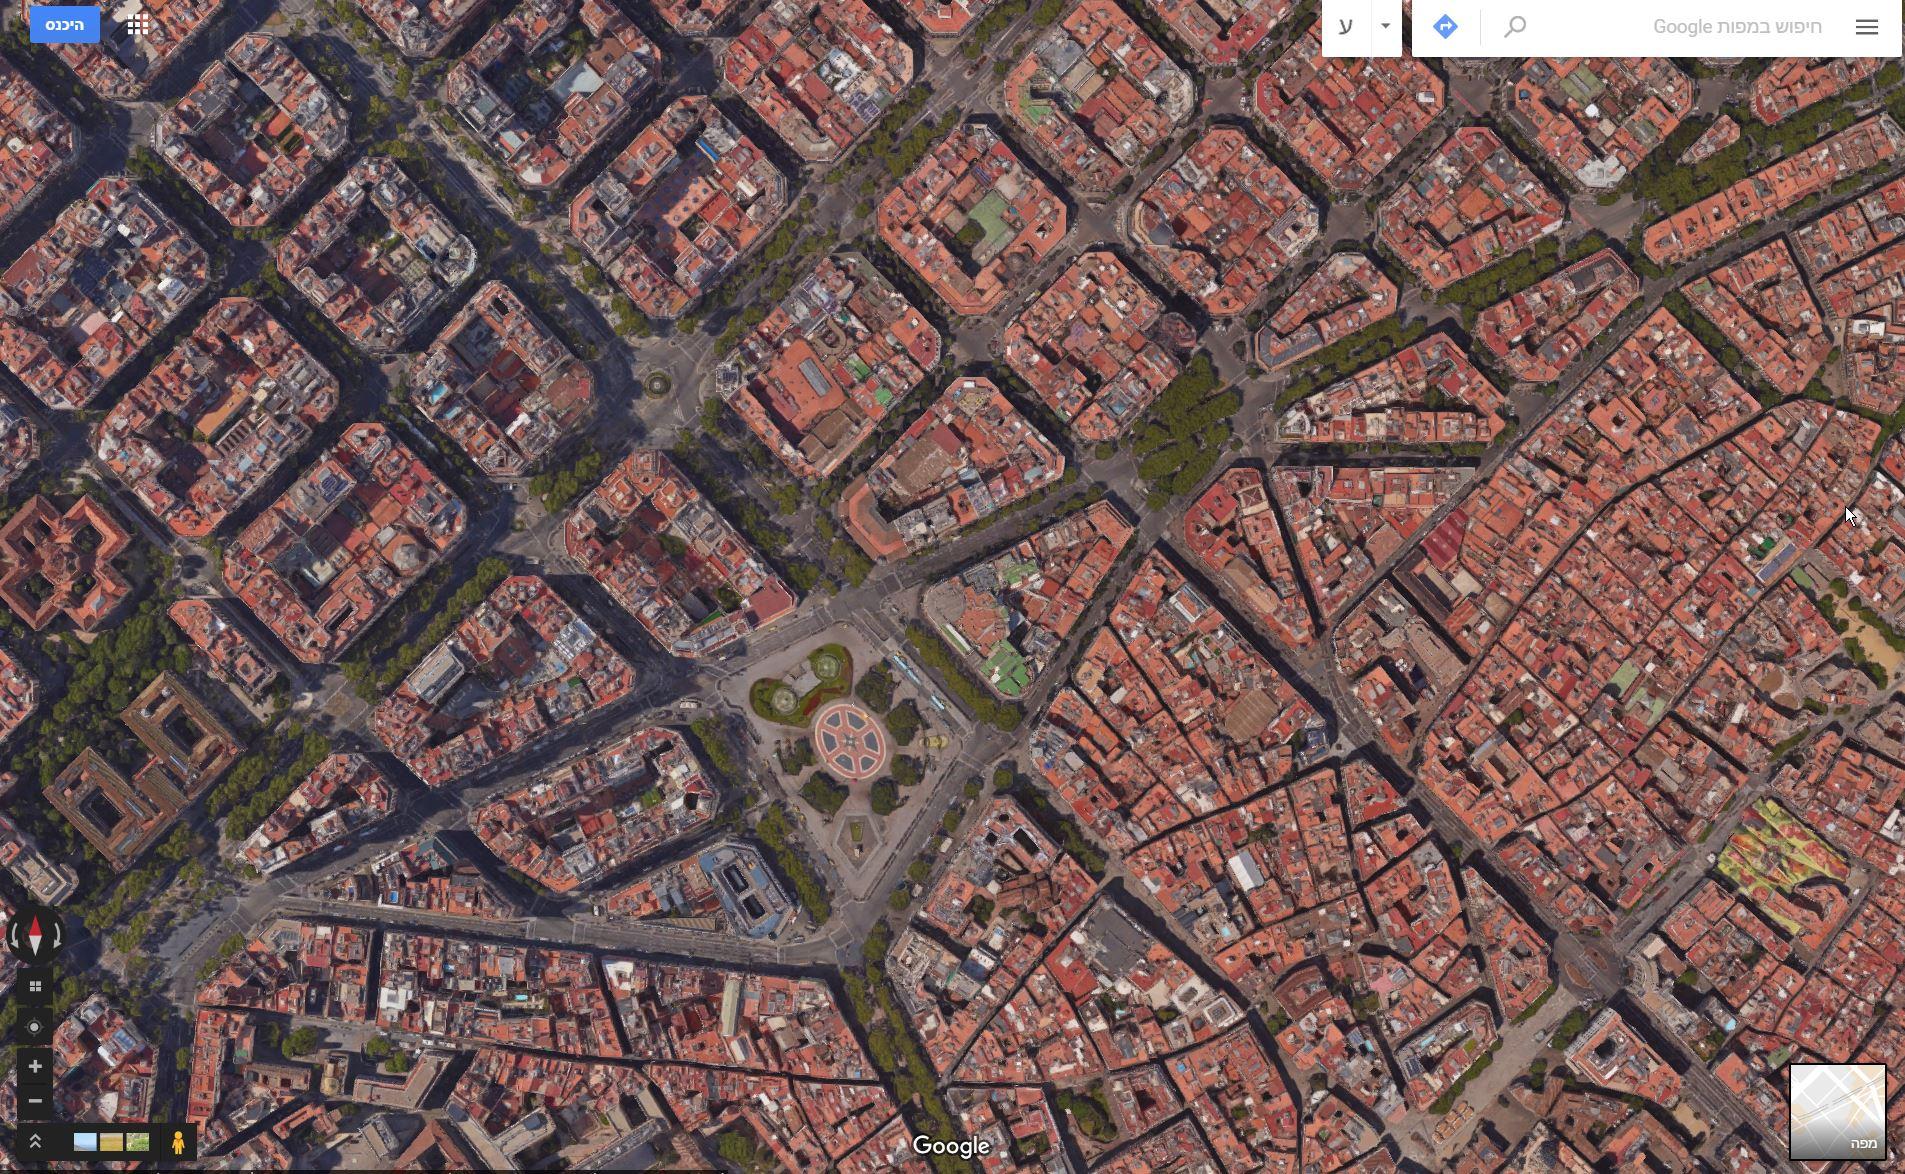 ברצלונה תכנון עירוני. בלוג רונית כפיר